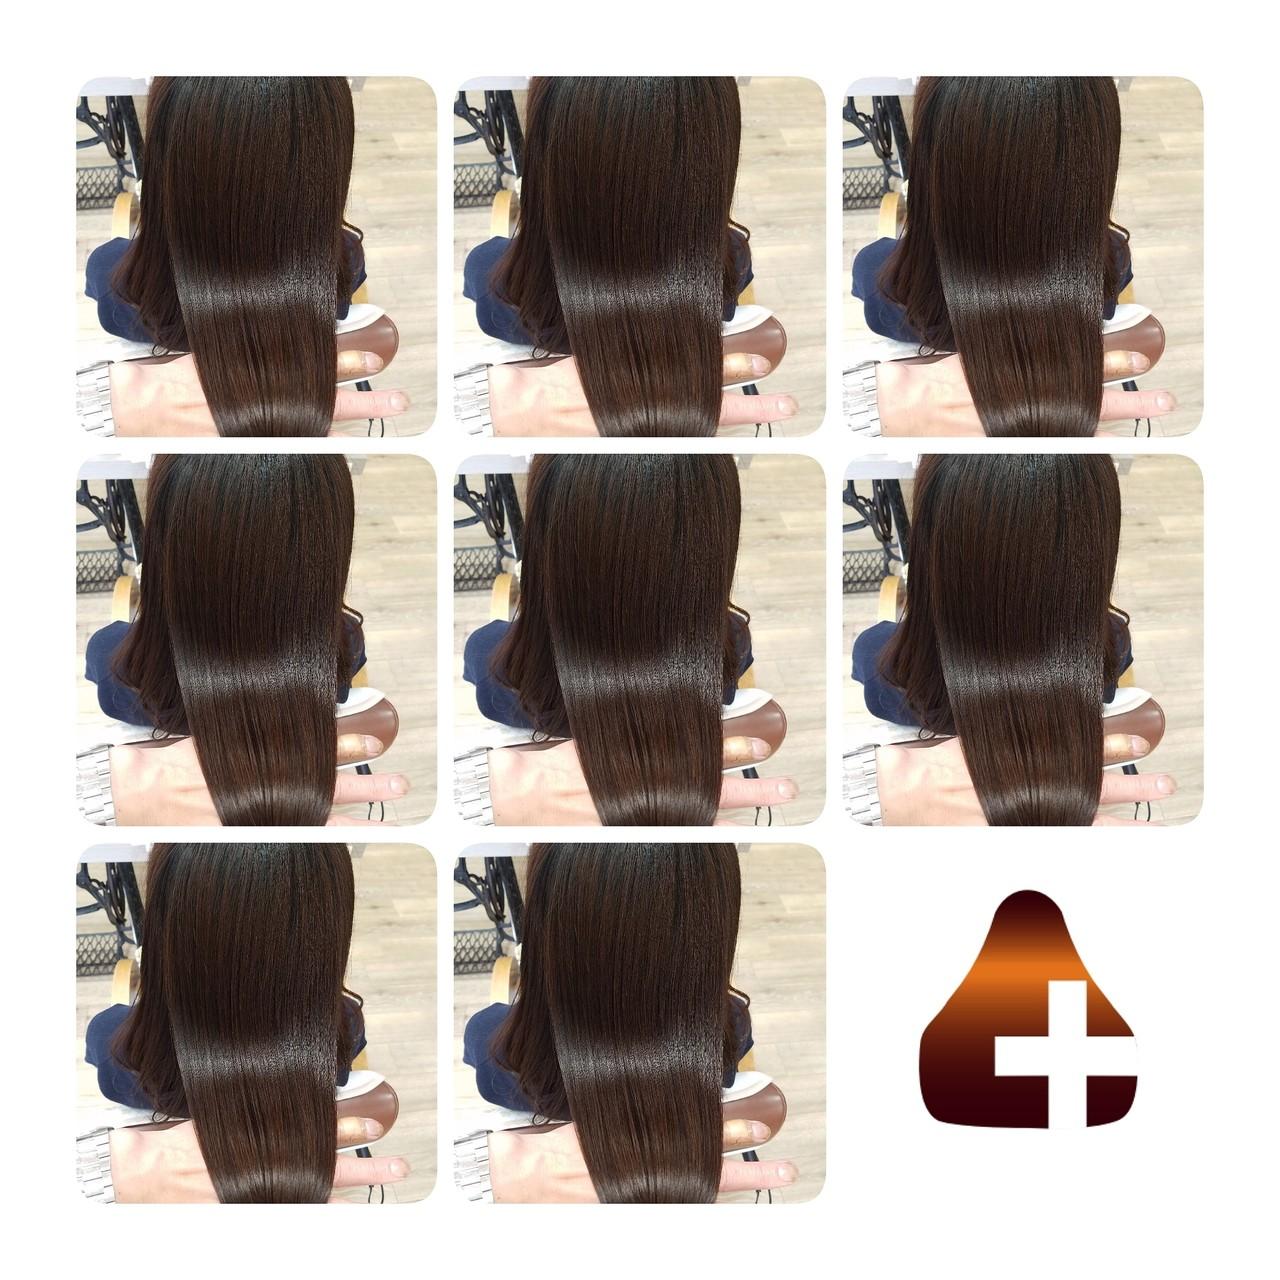 ナチュラル 髪の病院 美髪 頭皮ケア ヘアスタイルや髪型の写真・画像   髪の病院 メディカルサロン ルーミールーム / 髪の病院メディカルサロン·ルーミールーム